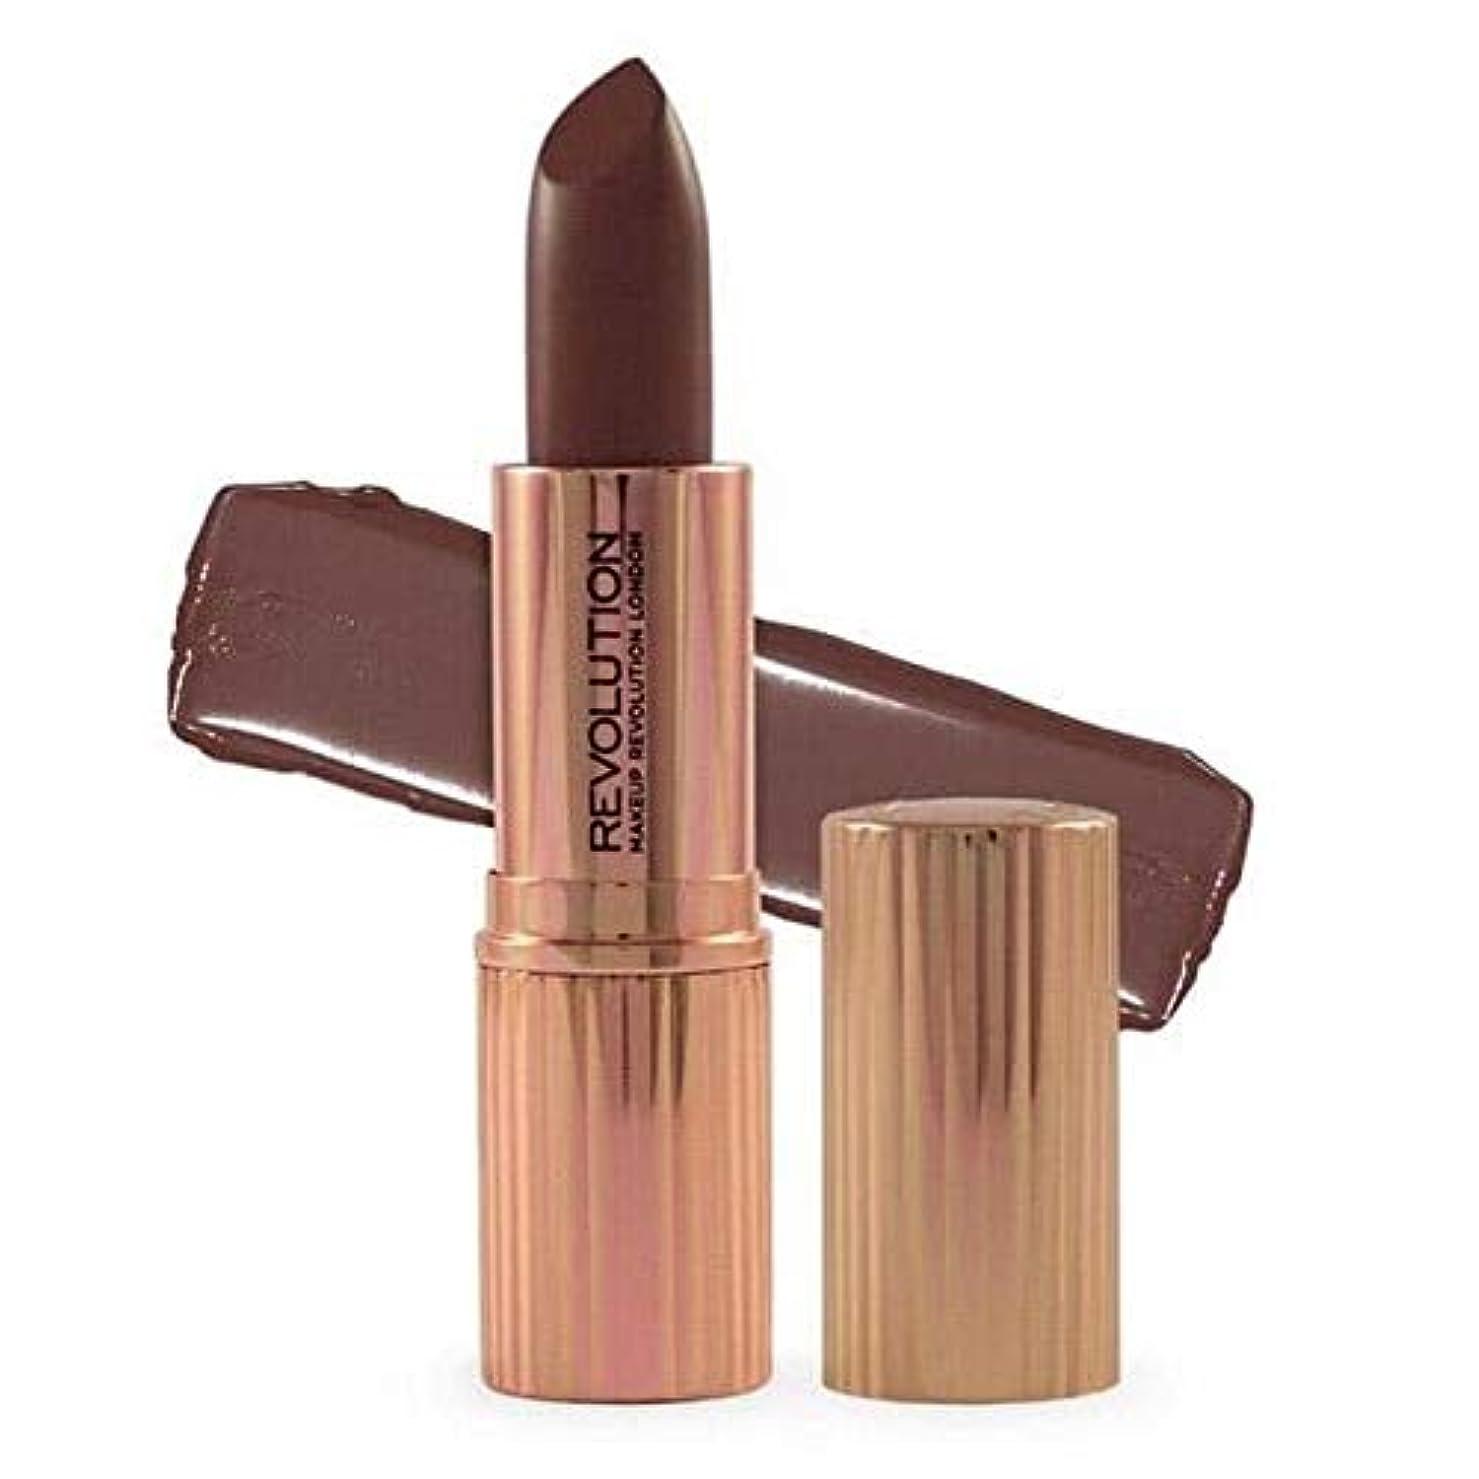 隠通り抜ける統計[Revolution ] 革命ルネサンス口紅最高級 - Revolution Renaissance Lipstick Finest [並行輸入品]